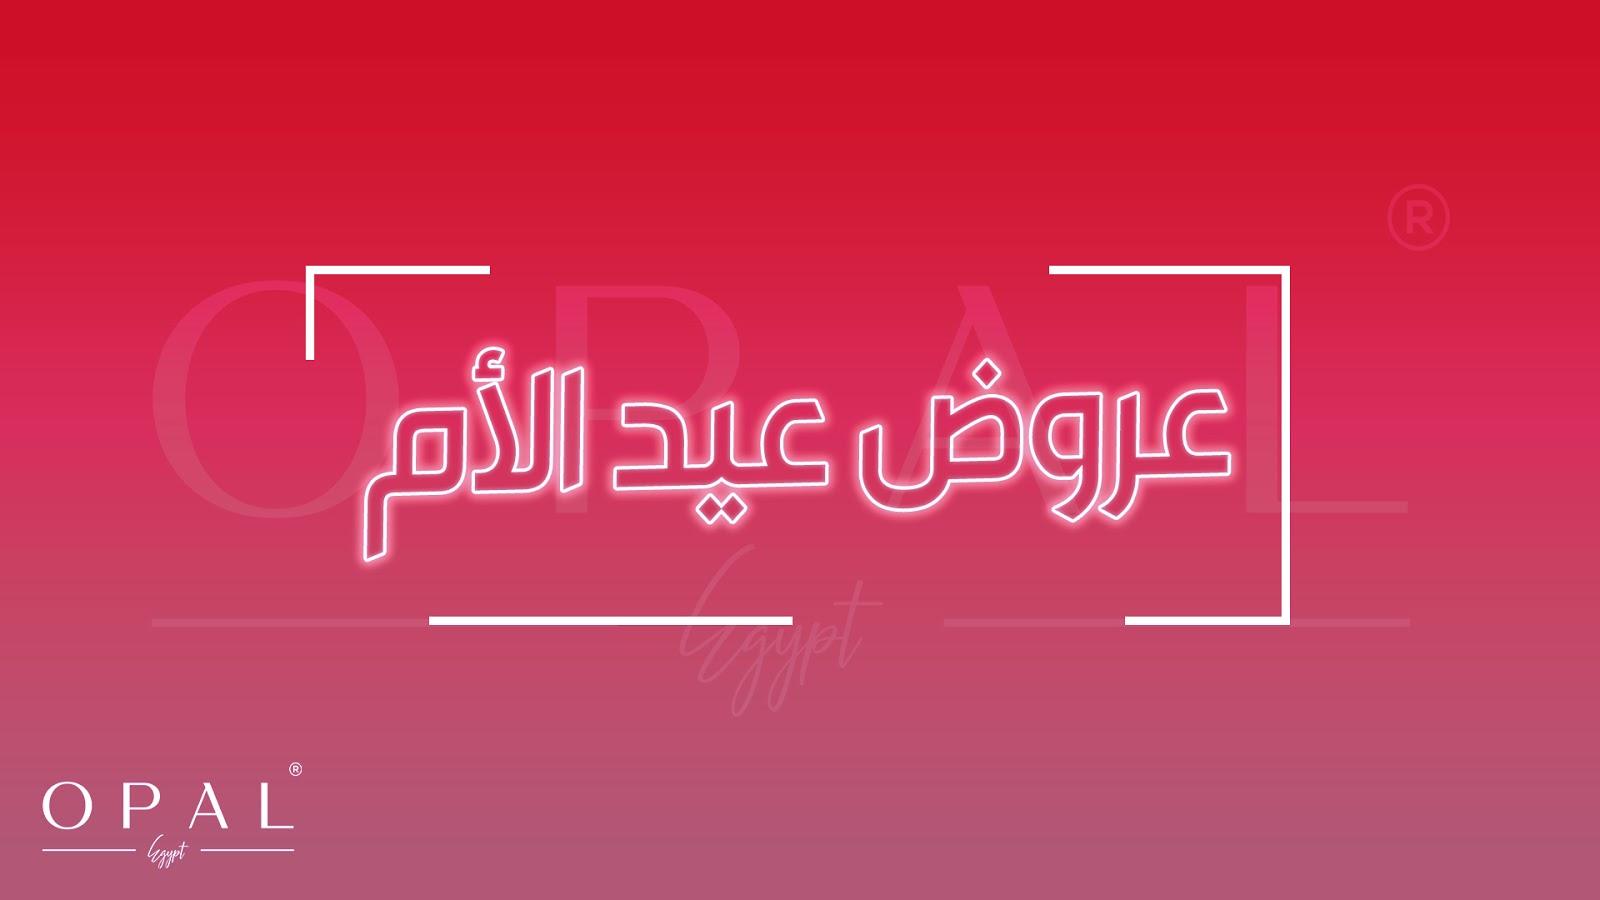 عروض اوبال الجديدة من 14 مارس حتى 19 مارس 2020 Opal عروض عيد الام